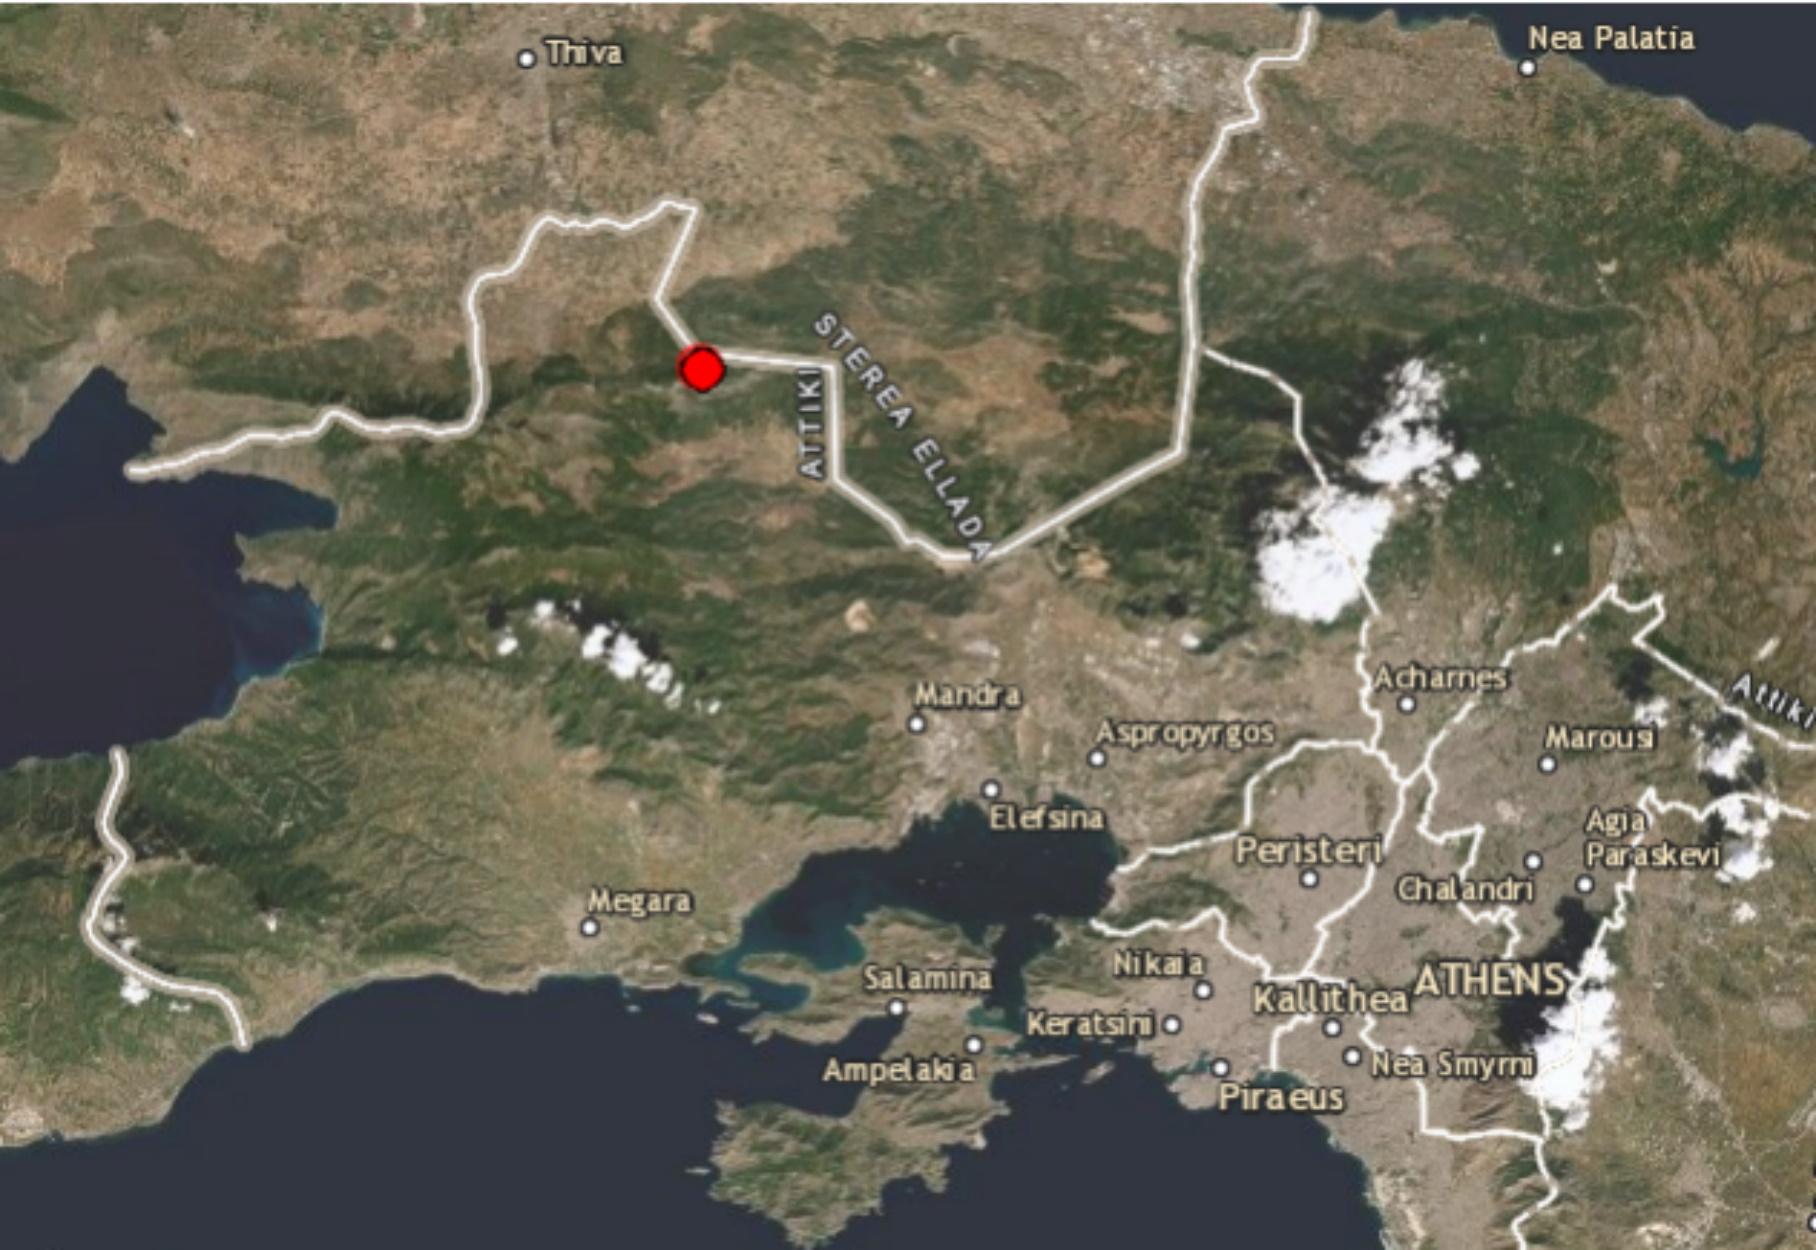 Σεισμός ταρακούνησε και την Αθήνα – Τι καταγράφουν τώρα οι σεισμογράφοι